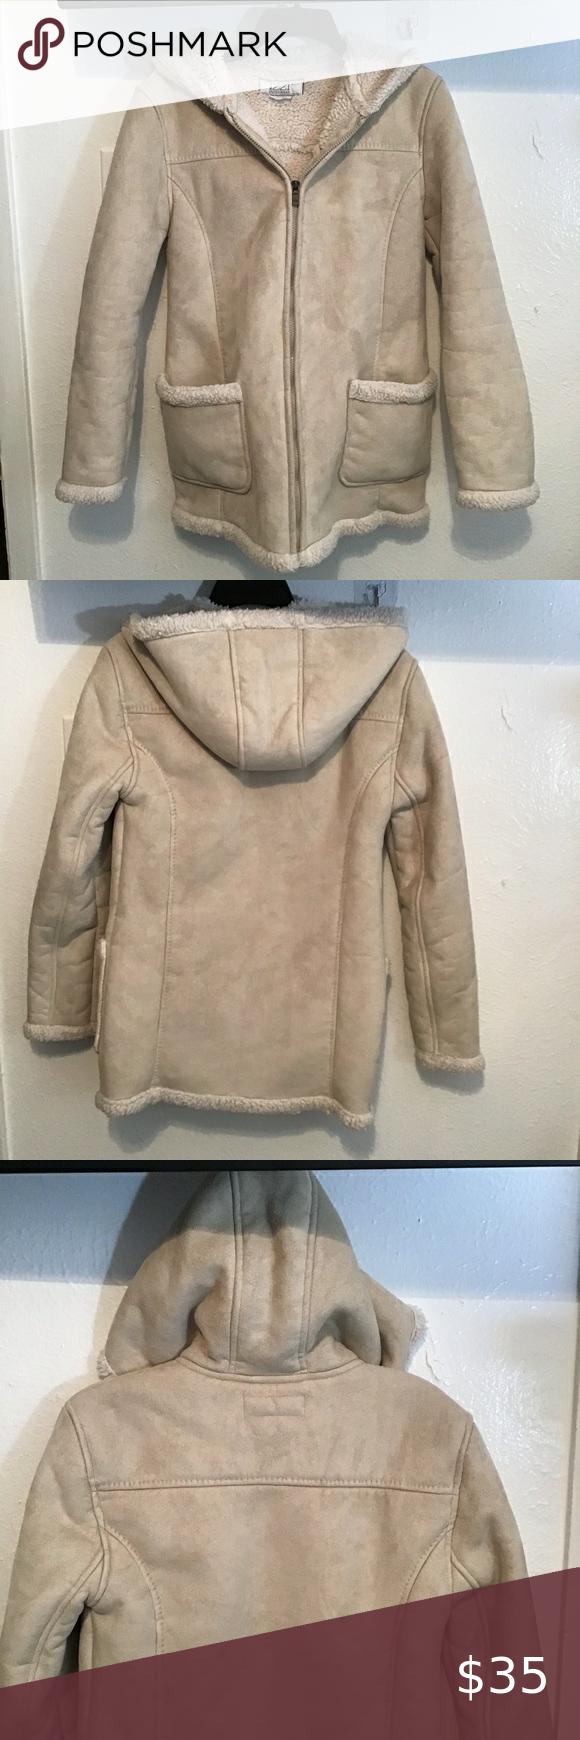 Izzi Outerwear Coat Outerwear Outerwear Coats Outerwear Jackets [ 1740 x 580 Pixel ]